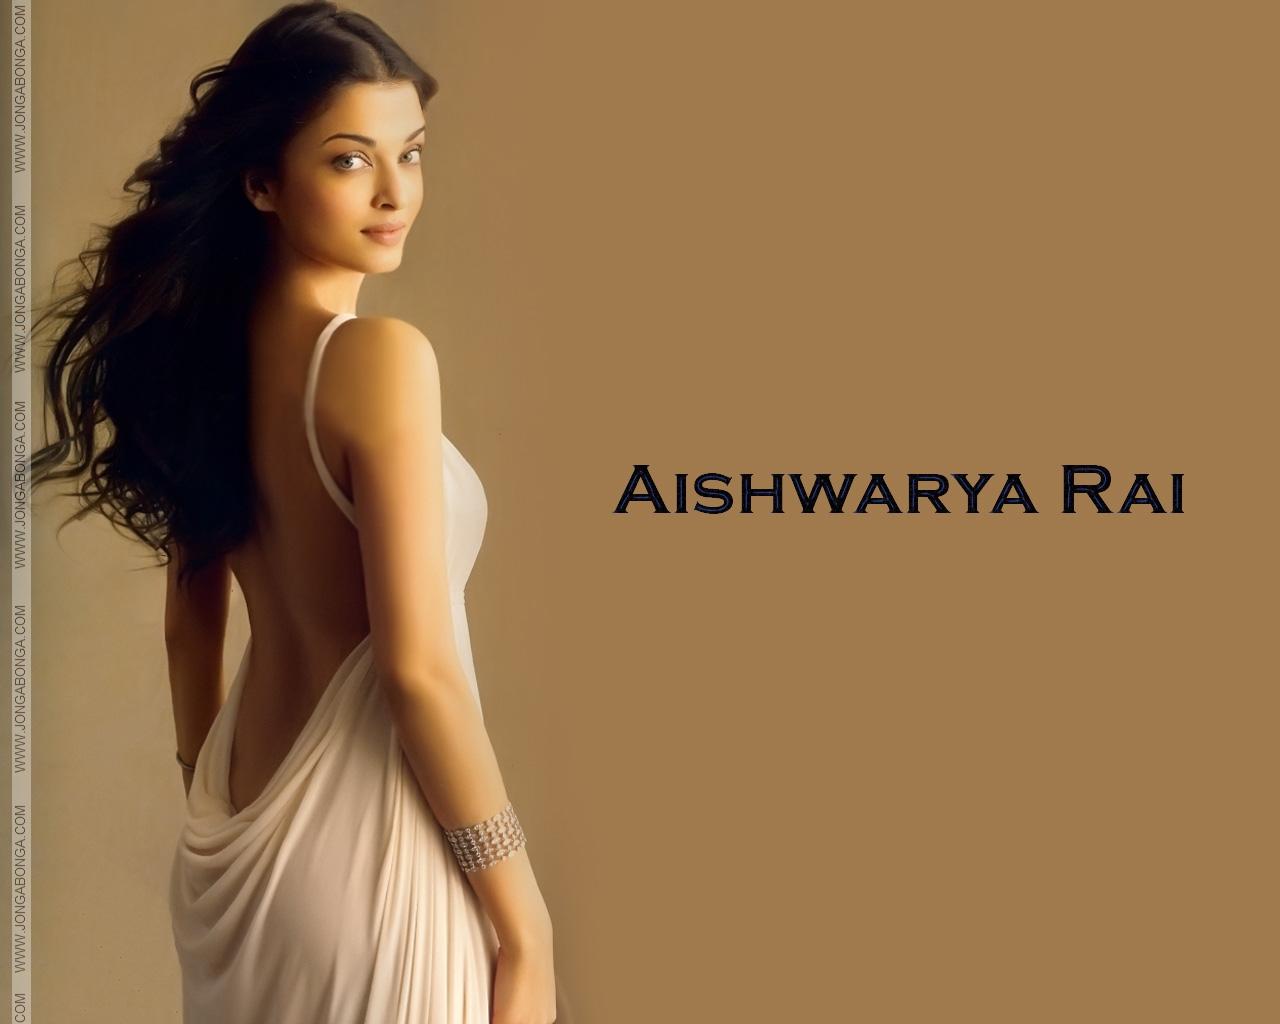 http://1.bp.blogspot.com/-E_0I73pthHA/T2o9Ote7PeI/AAAAAAAAAao/vnlO1dFsZu0/s1600/aishwarya+rai+wallpapers+22.jpg